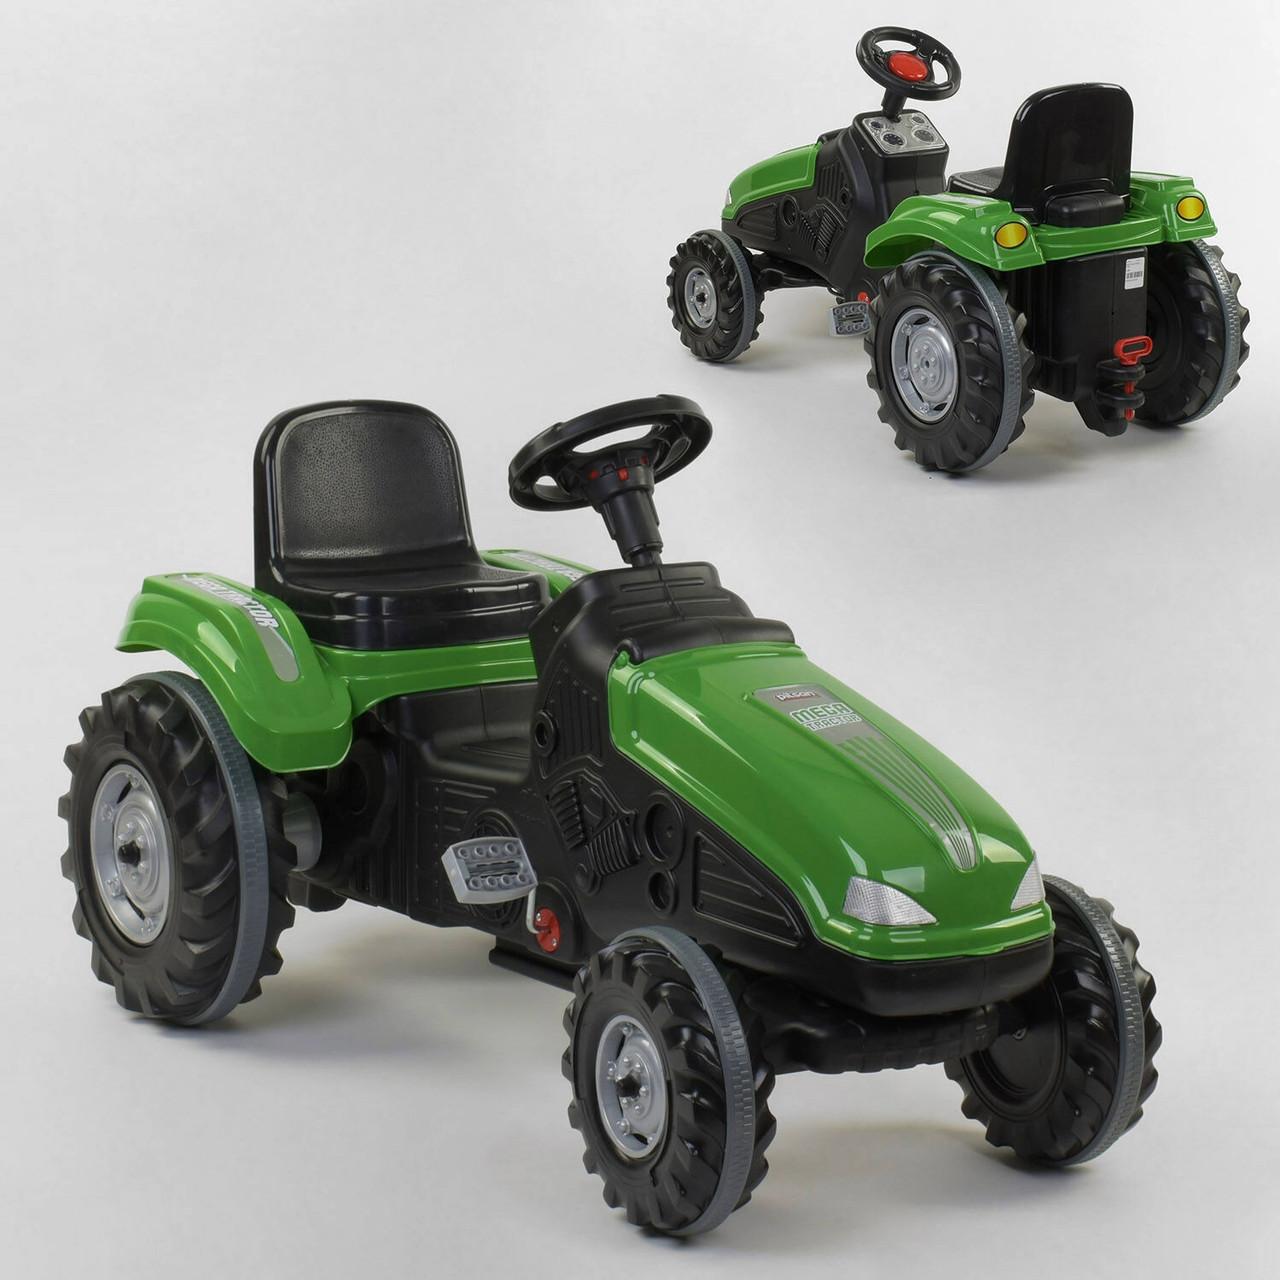 Дитячий педальний трактор Pilsan 07-321 Зелений, клаксон, регульоване сидіння, колеса з гумовими накладками